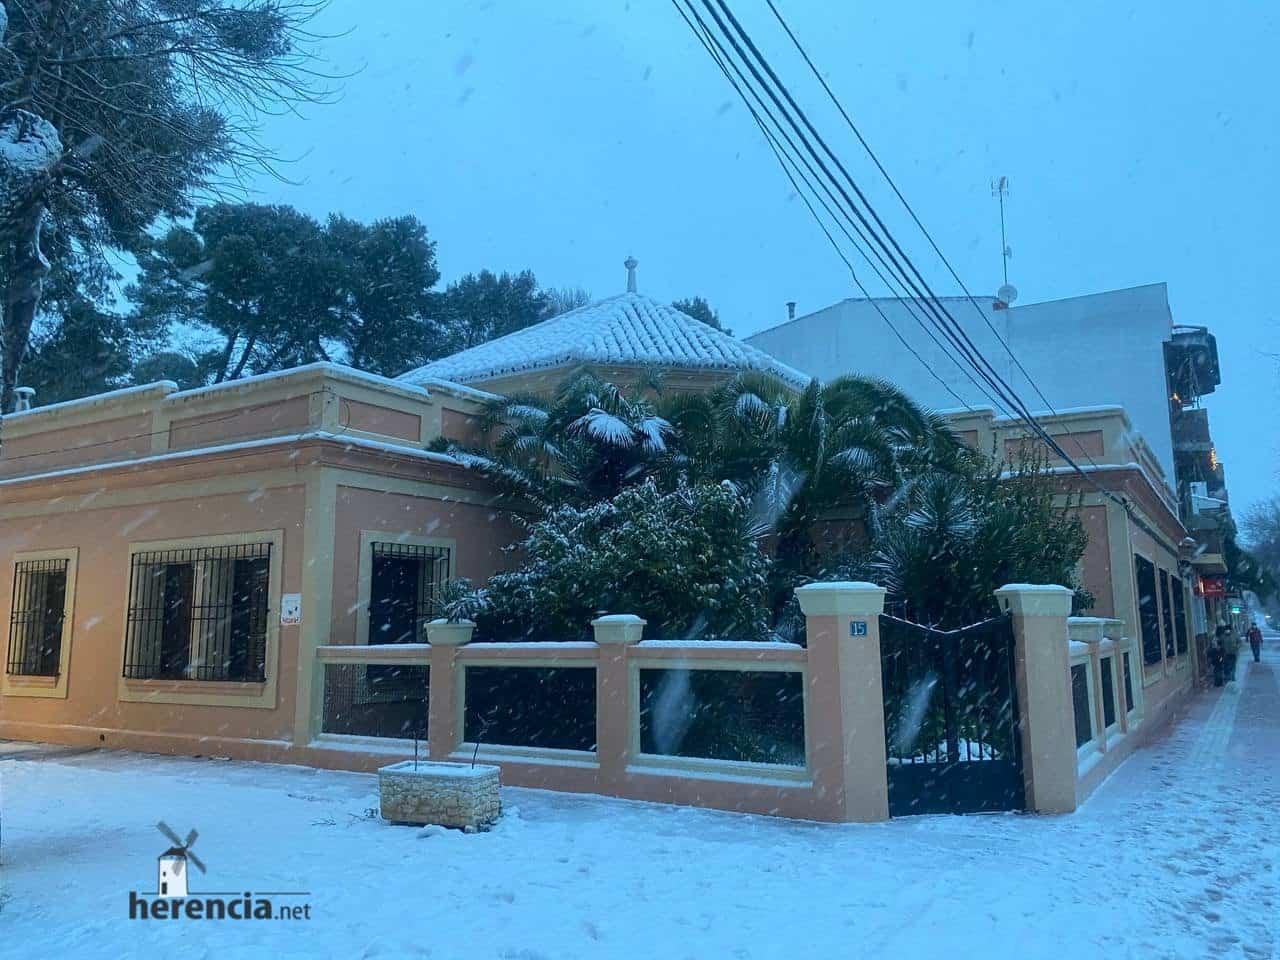 Más fotografías de las nieves de 2021 en Herencia 136